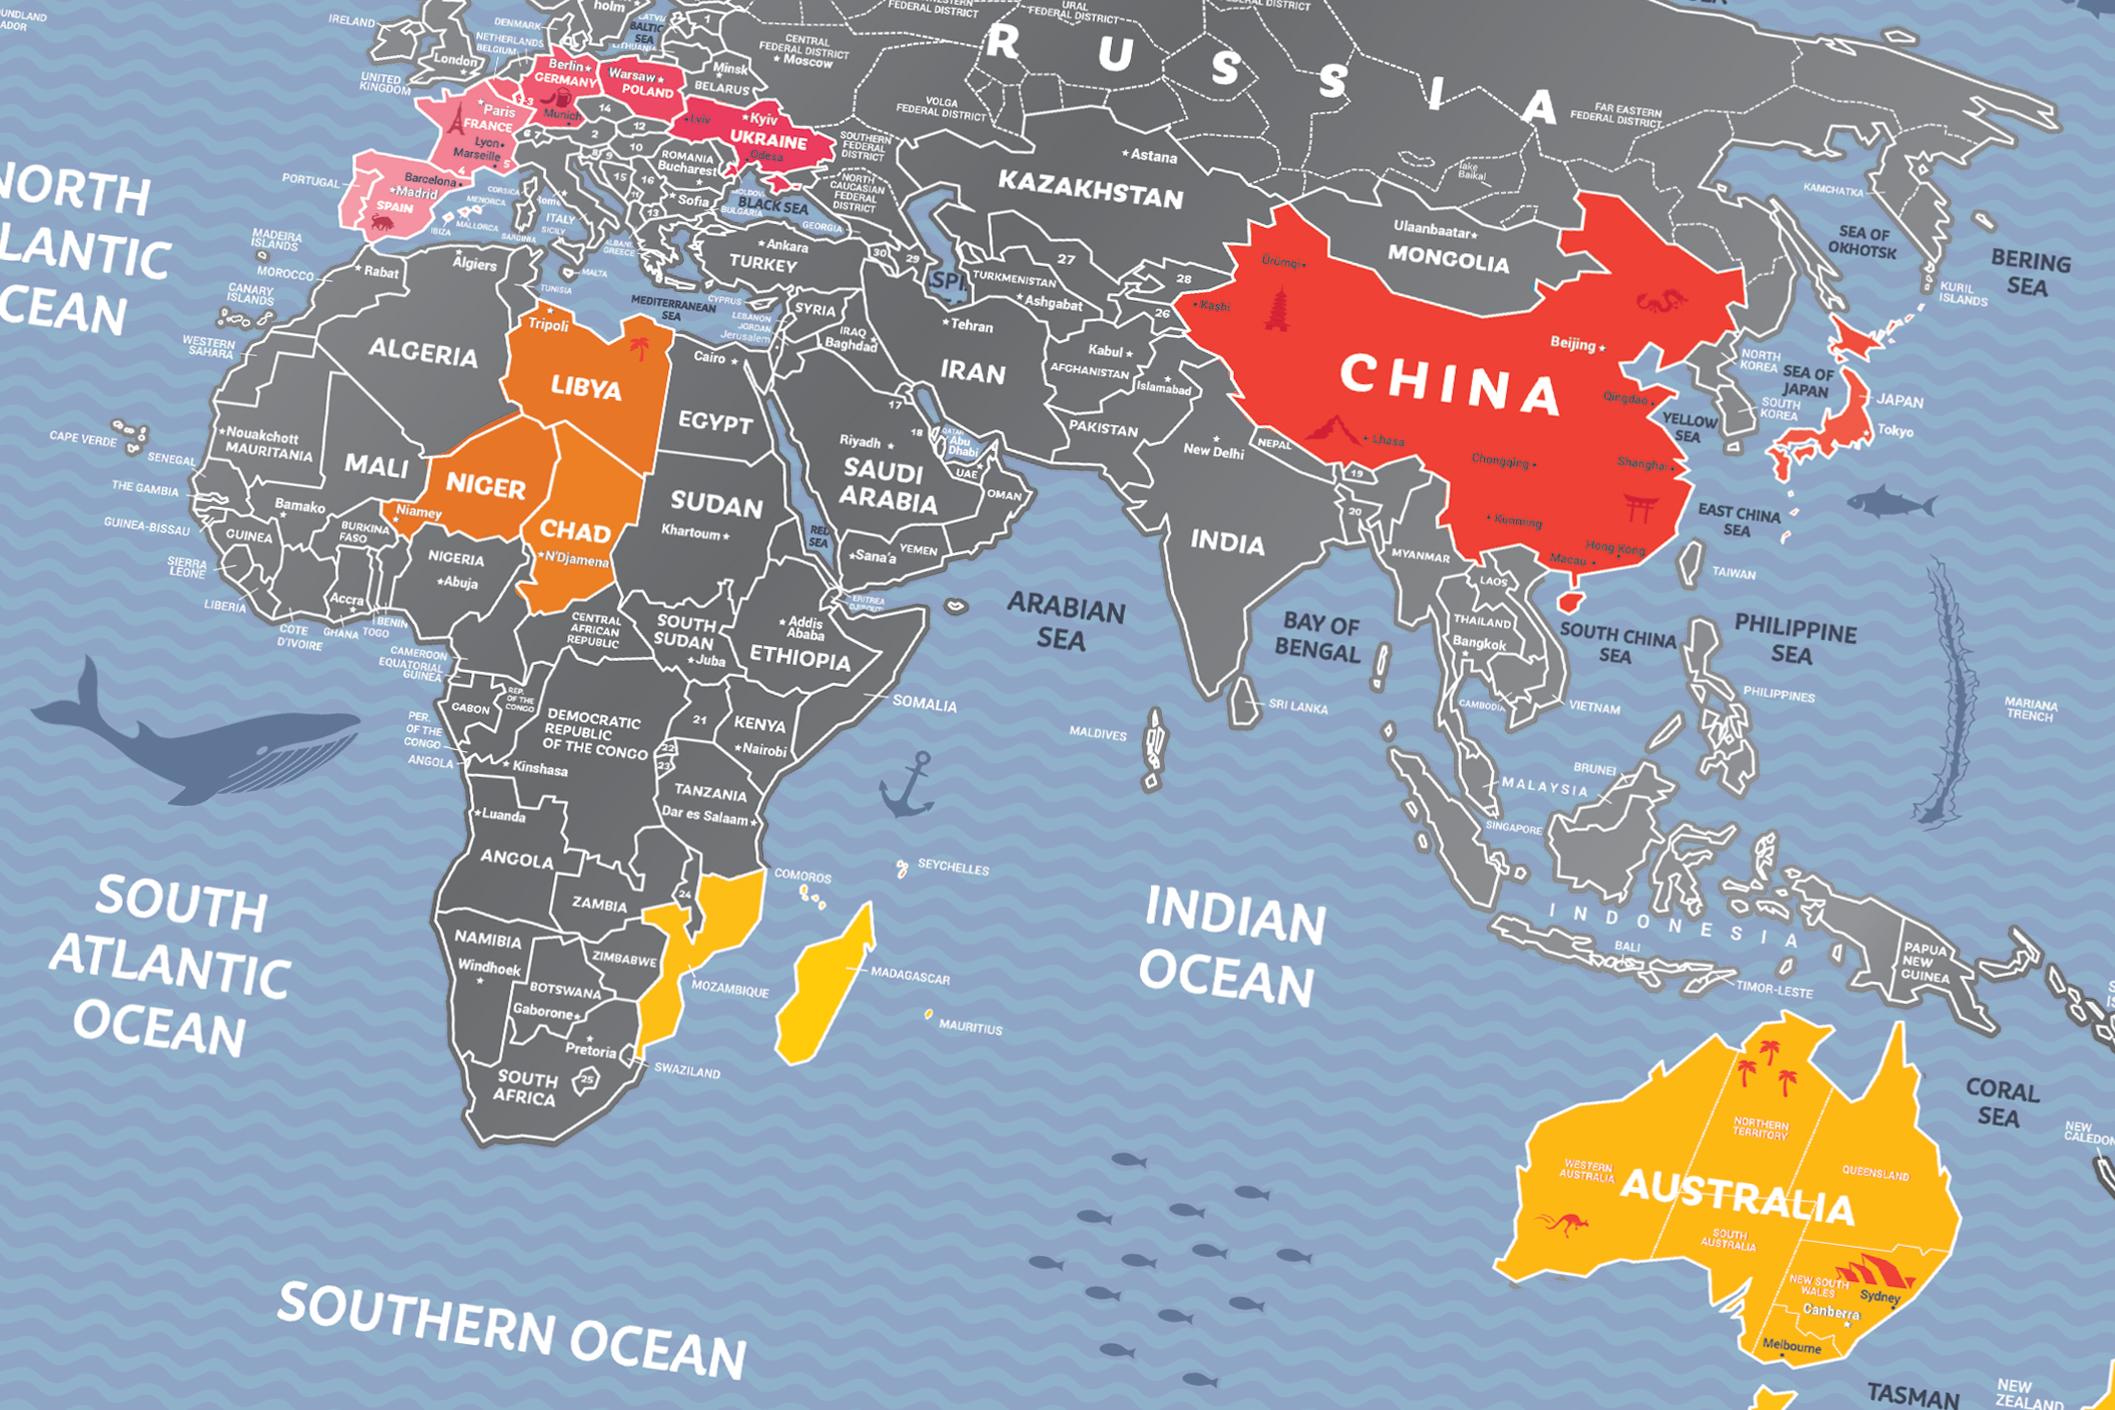 RUBBELKARTE WELT Travel Map™ Weekend World - Rubbel Karte | Karten on